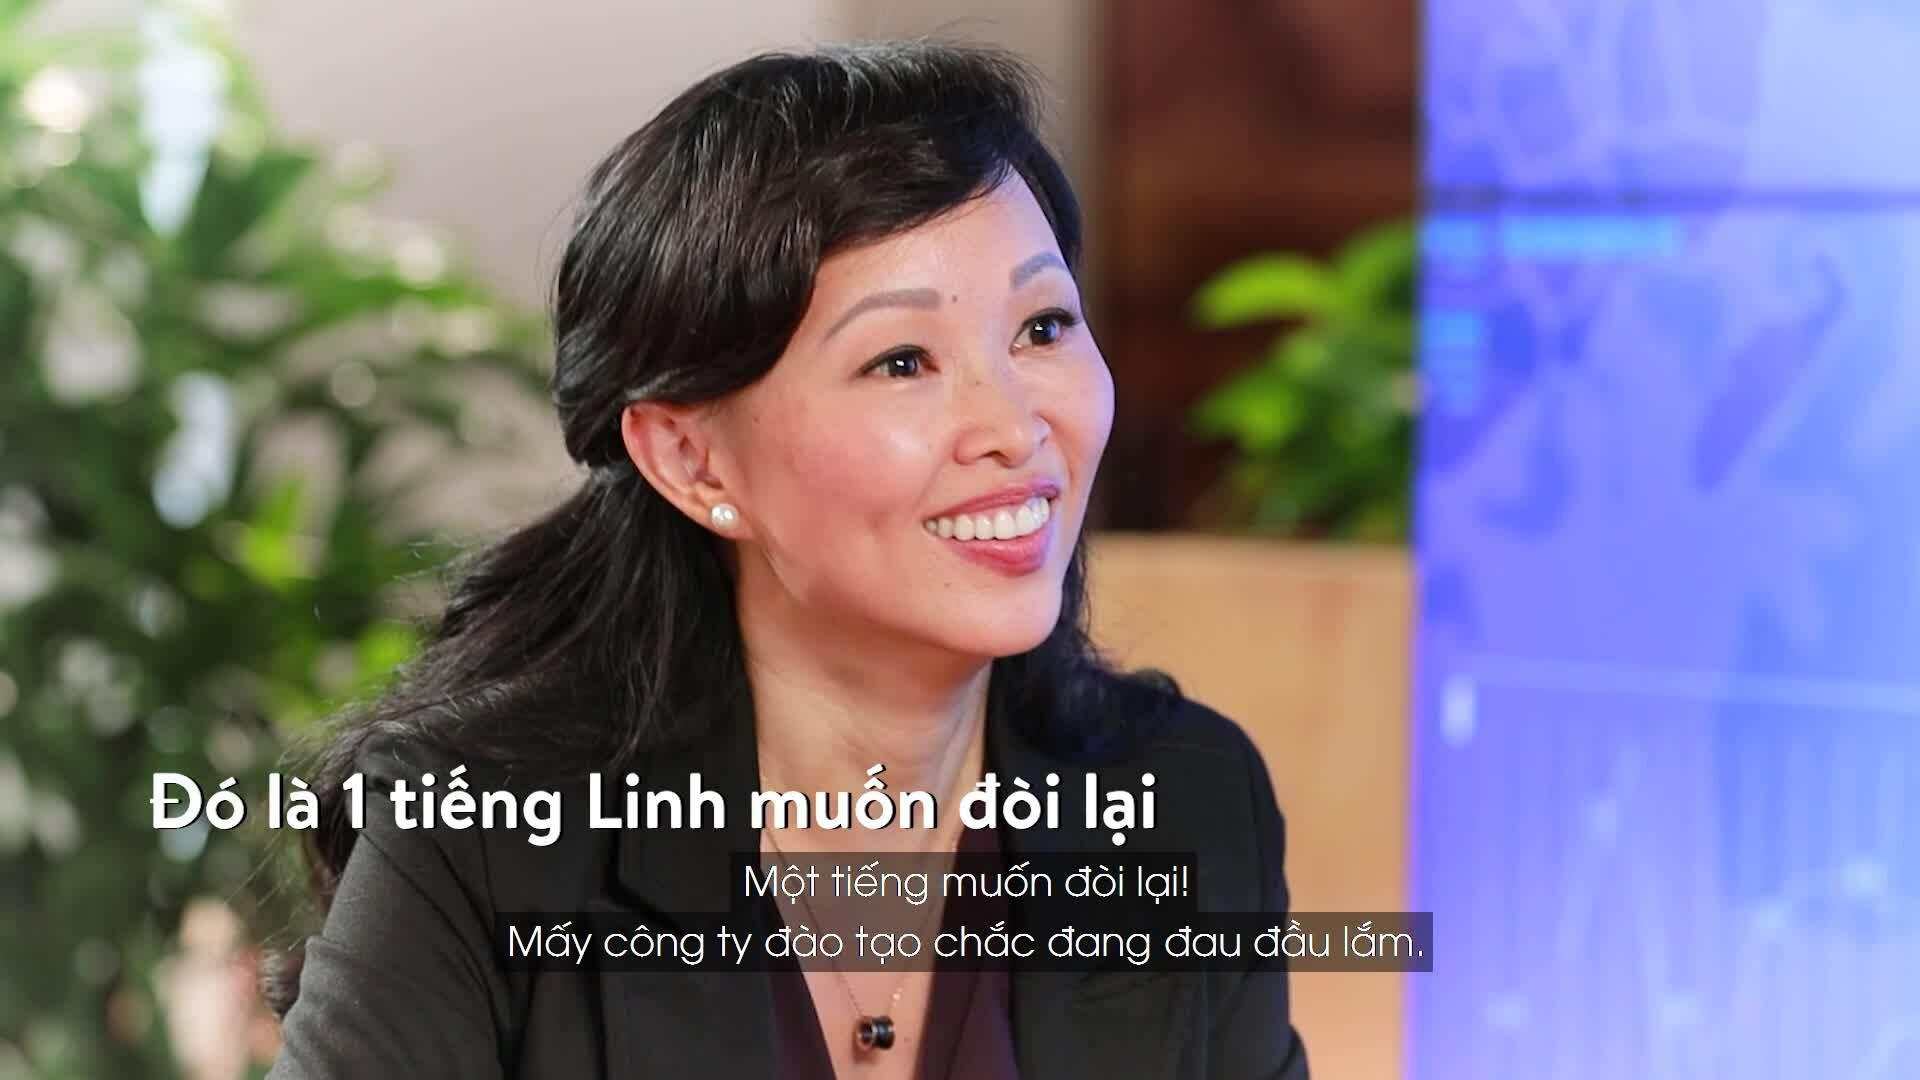 Shark Linh sáng lập công ty đào tạo kỹ năng